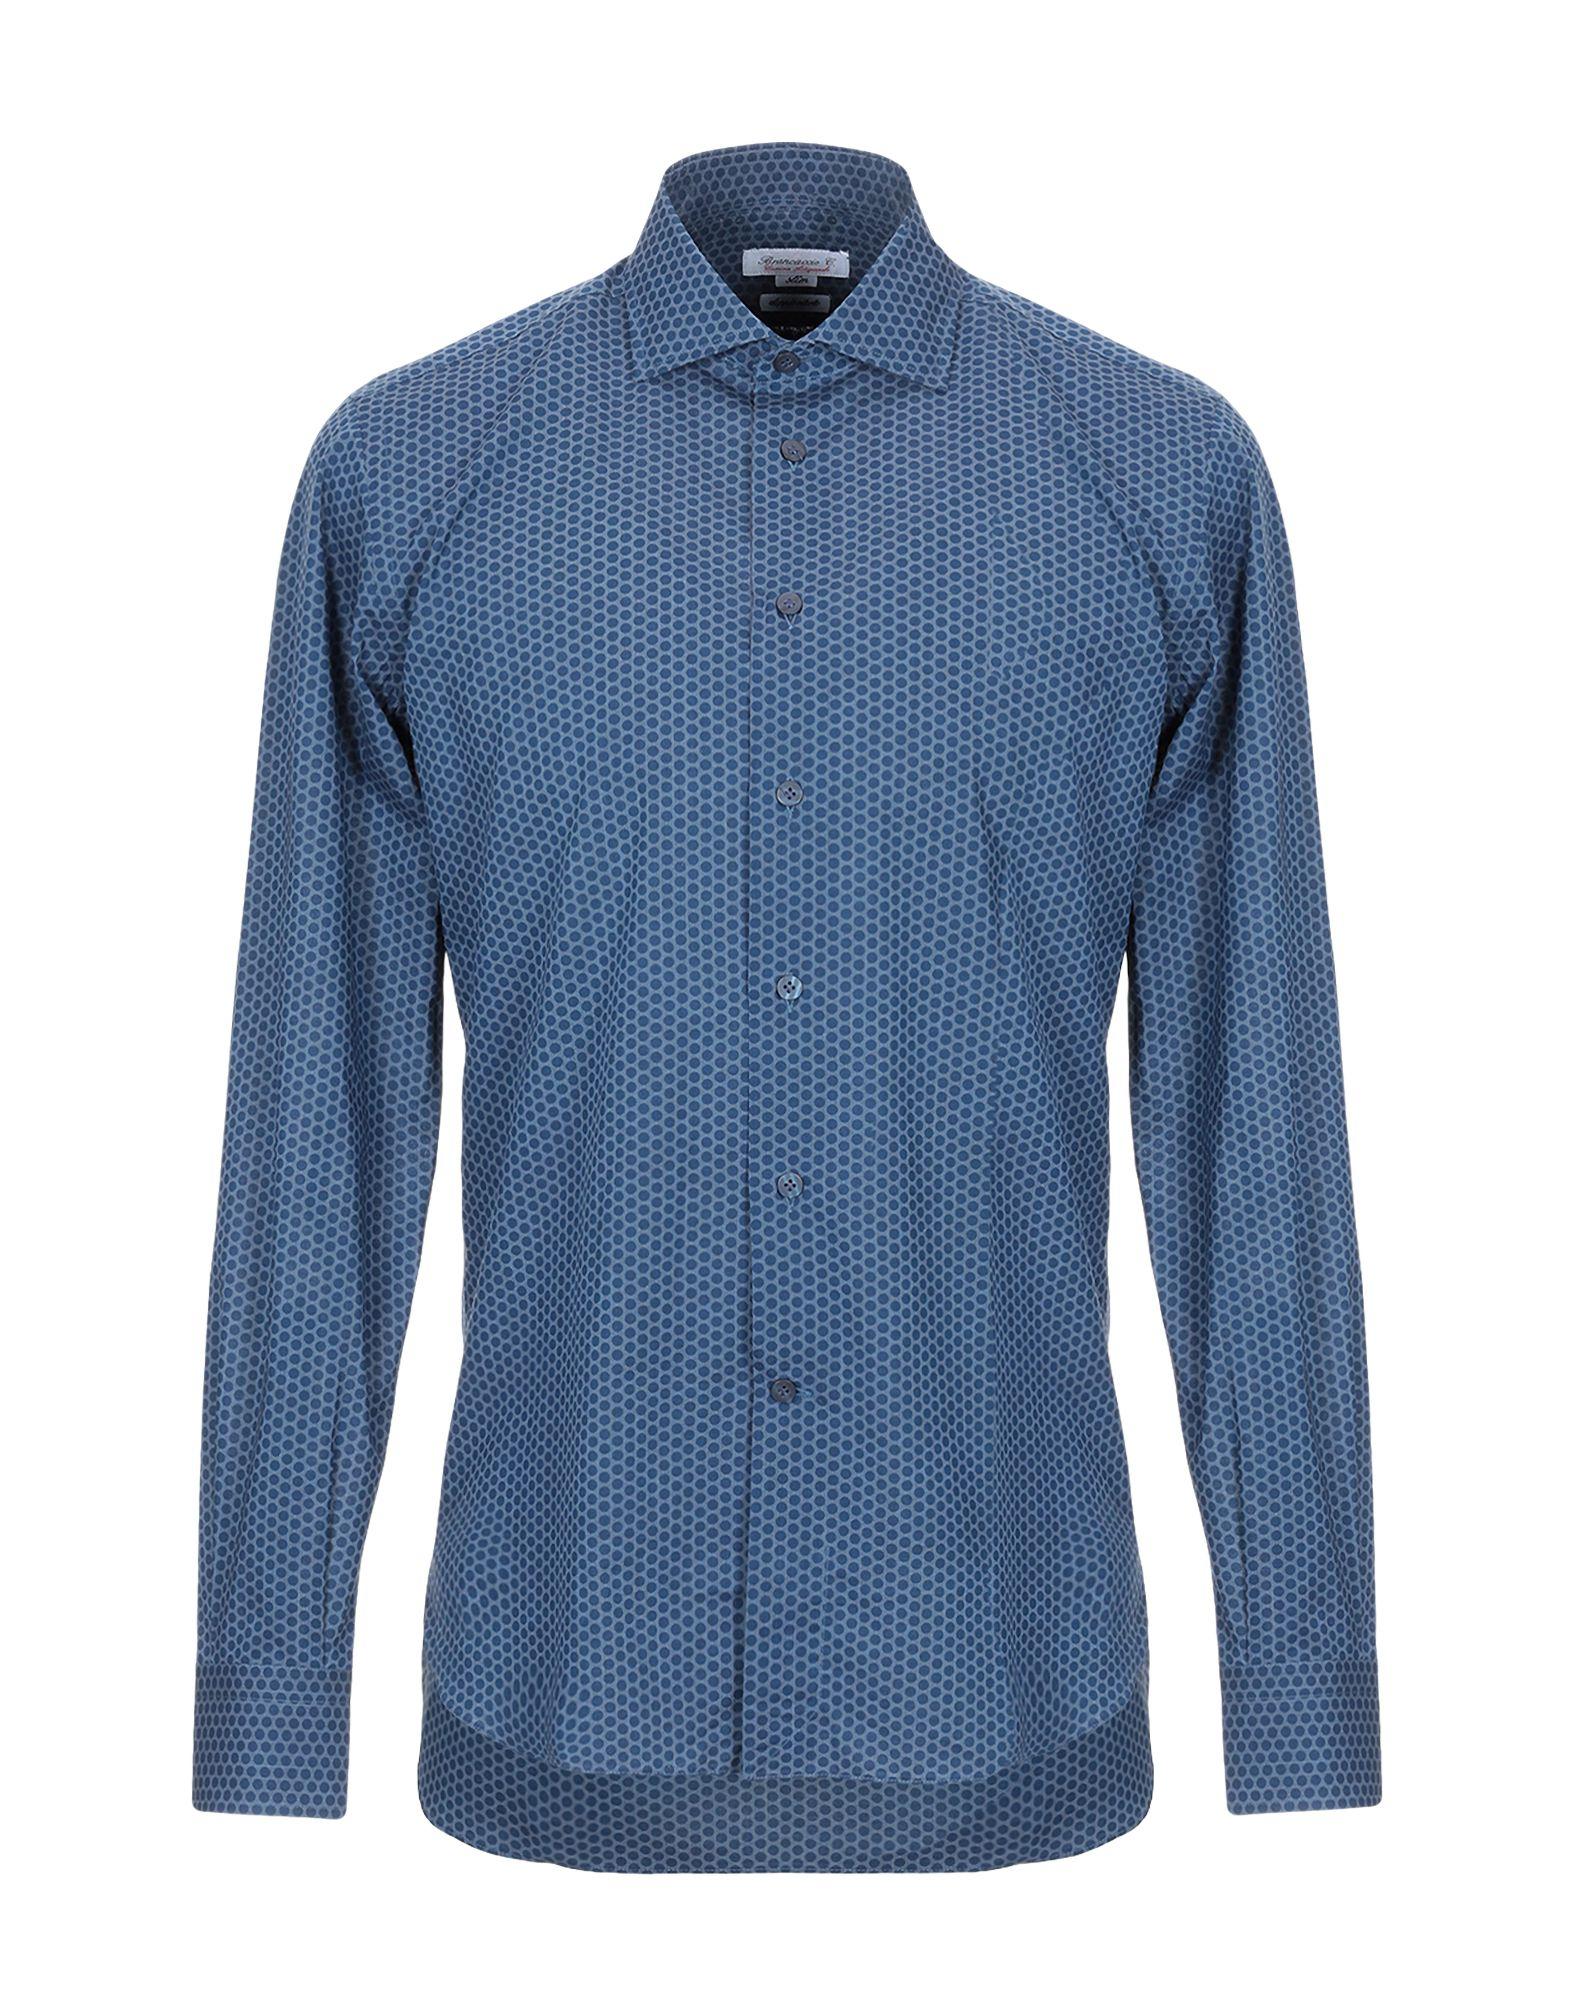 Camicia Camicia Camicia Fantasia Brancaccio C. uomo - 38809499TL 192